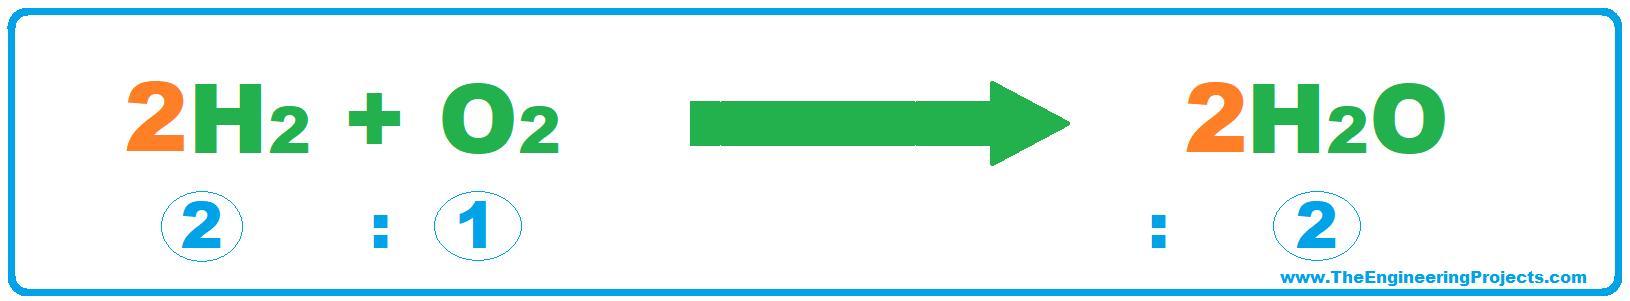 Stoichiometry, what is Stoichiometry, Stoichiometry laws, Stoichiometry rules, Stoichiometry definition, Stoichiometry problems, Stoichiometry examples, Stoichiometry conversions, Stoichiometry calculations, balanced reaction,molar ratio, moles, grams